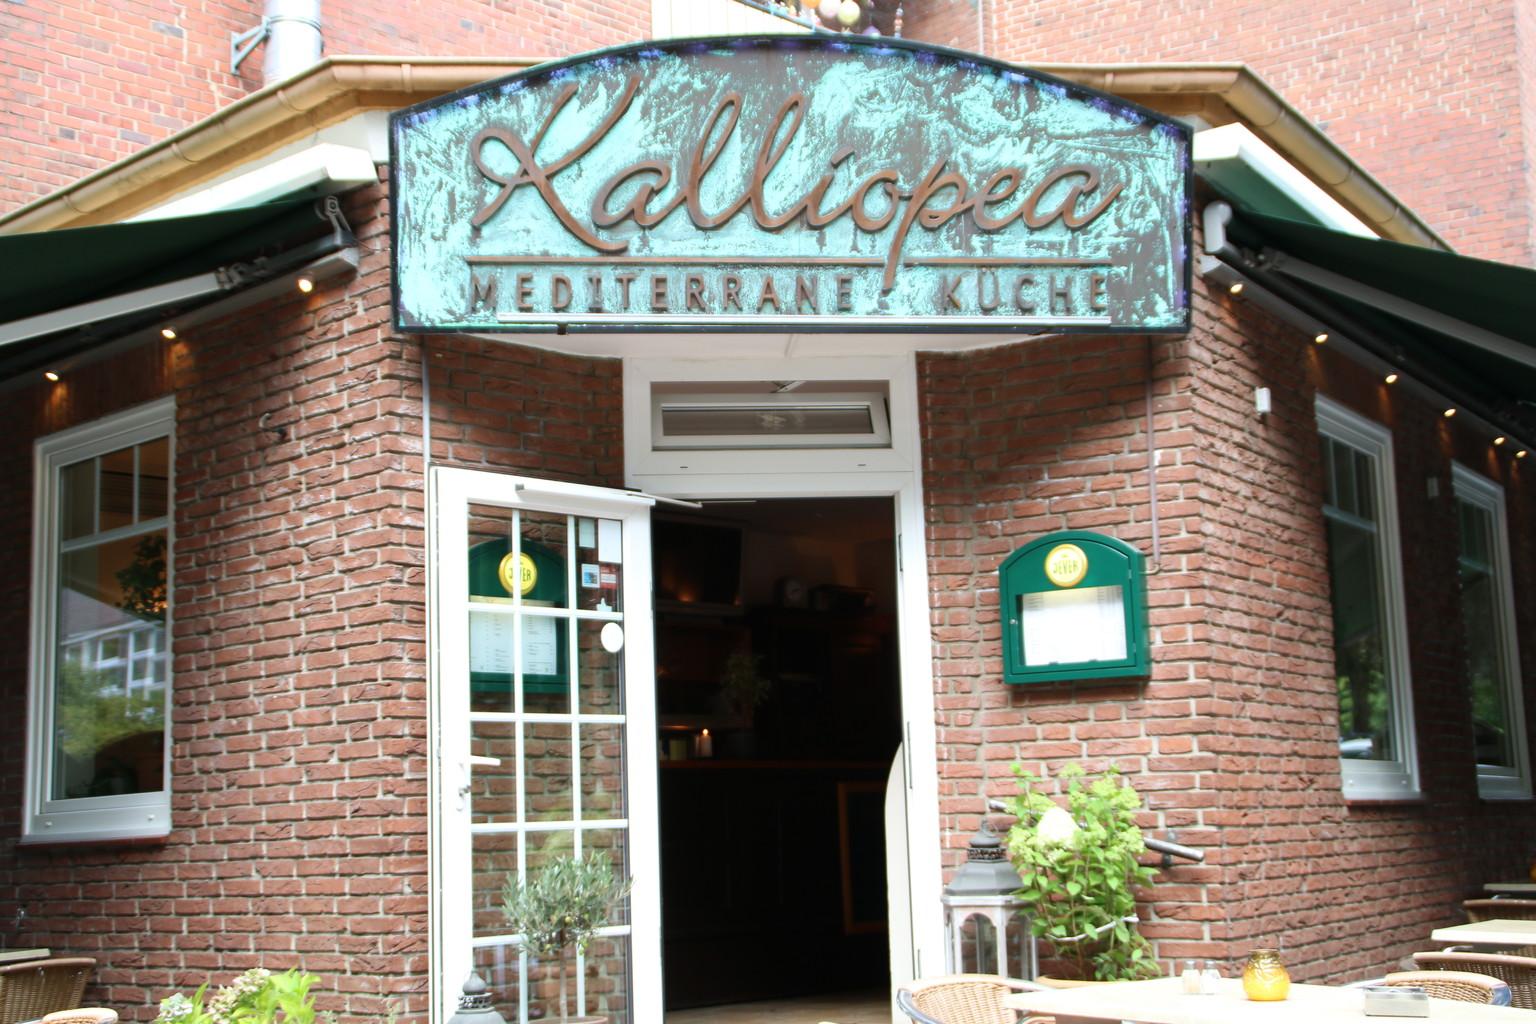 Outdoor Küche Hamburg : Restaurant kalliopea mediterrane küche in hamburg